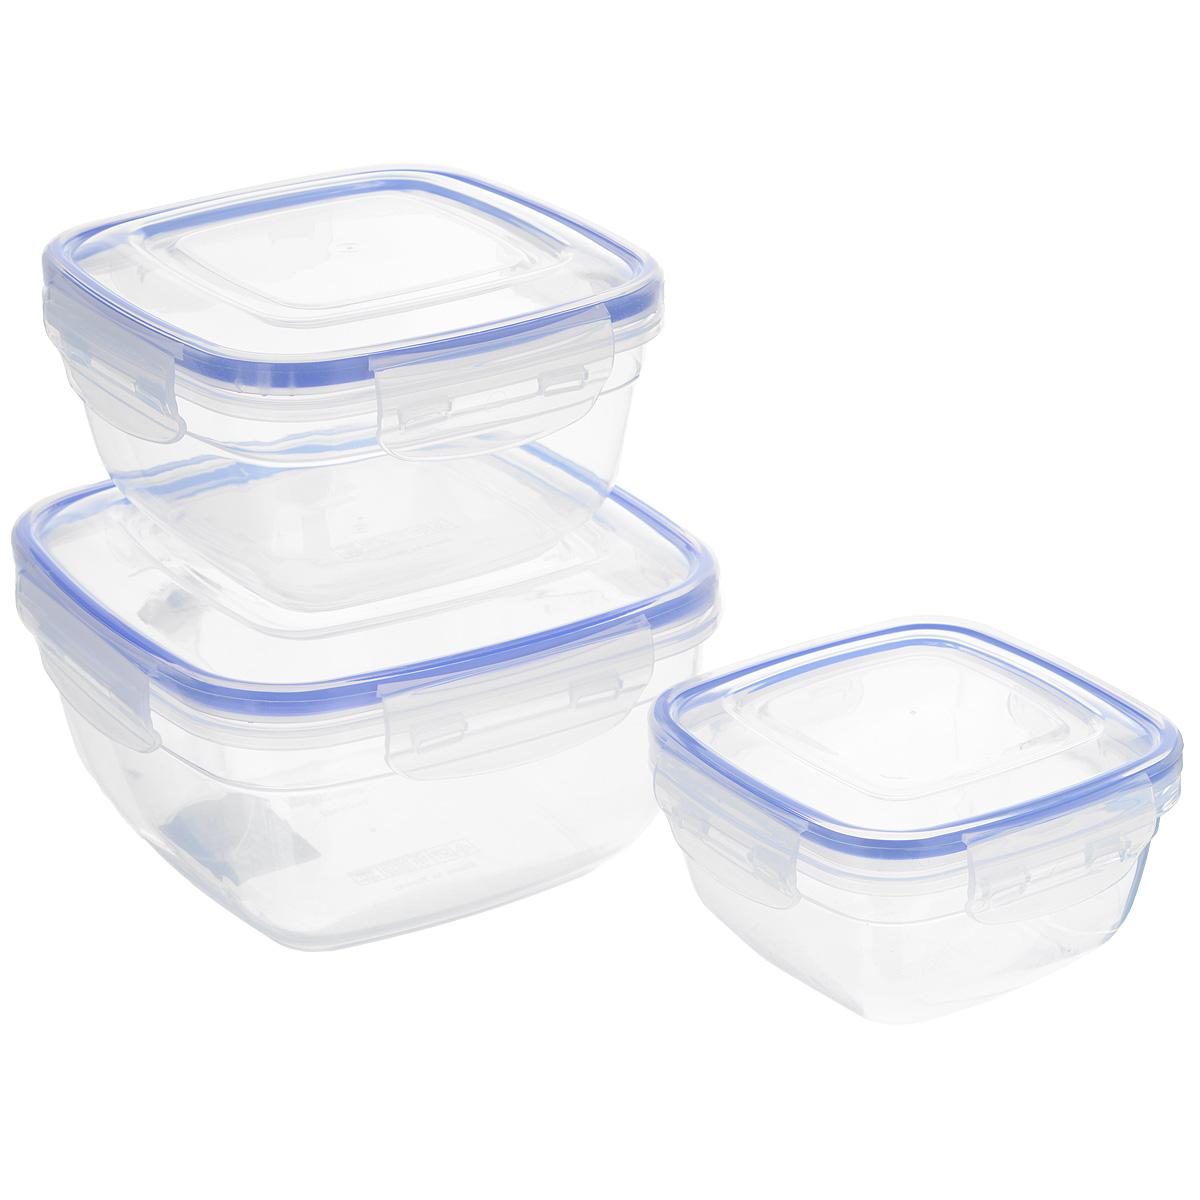 Набор квадратных контейнеров Dunya Plastik, 3 шт. 3014230142Набор Dunya Plastik состоит из трех квадратных контейнеров разного объема. Изделия выполнены из высококачественного пищевого прозрачного пластика без примеси бисфенола. Такой пластик не содержит вредных веществ и подходит для контакта с пищевыми продуктами. Контейнеры оснащены вакуумными крышками, которые плотно закрываются на 4 защелки, а благодаря силиконовой прослойке обеспечивают герметичность. Контейнеры непроницаемы для воздуха и жидкости. Подходят для хранения и транспортировки пищи. Складываются друг в друга, что экономит пространство при хранении в шкафу. Подходят для использования в микроволновой печи без крышки (до +95°С), для заморозки при минимальной температуре -25°С. Можно мыть в посудомоечной машине. Объем контейнеров: 500 мл; 900 мл; 1500 мл. Размер контейнеров: 12,3 см х 12,3 см х 6,5 см; 14,7 см х 14,7 см х 8 см; 17 см х 17 см х 9,5 см.